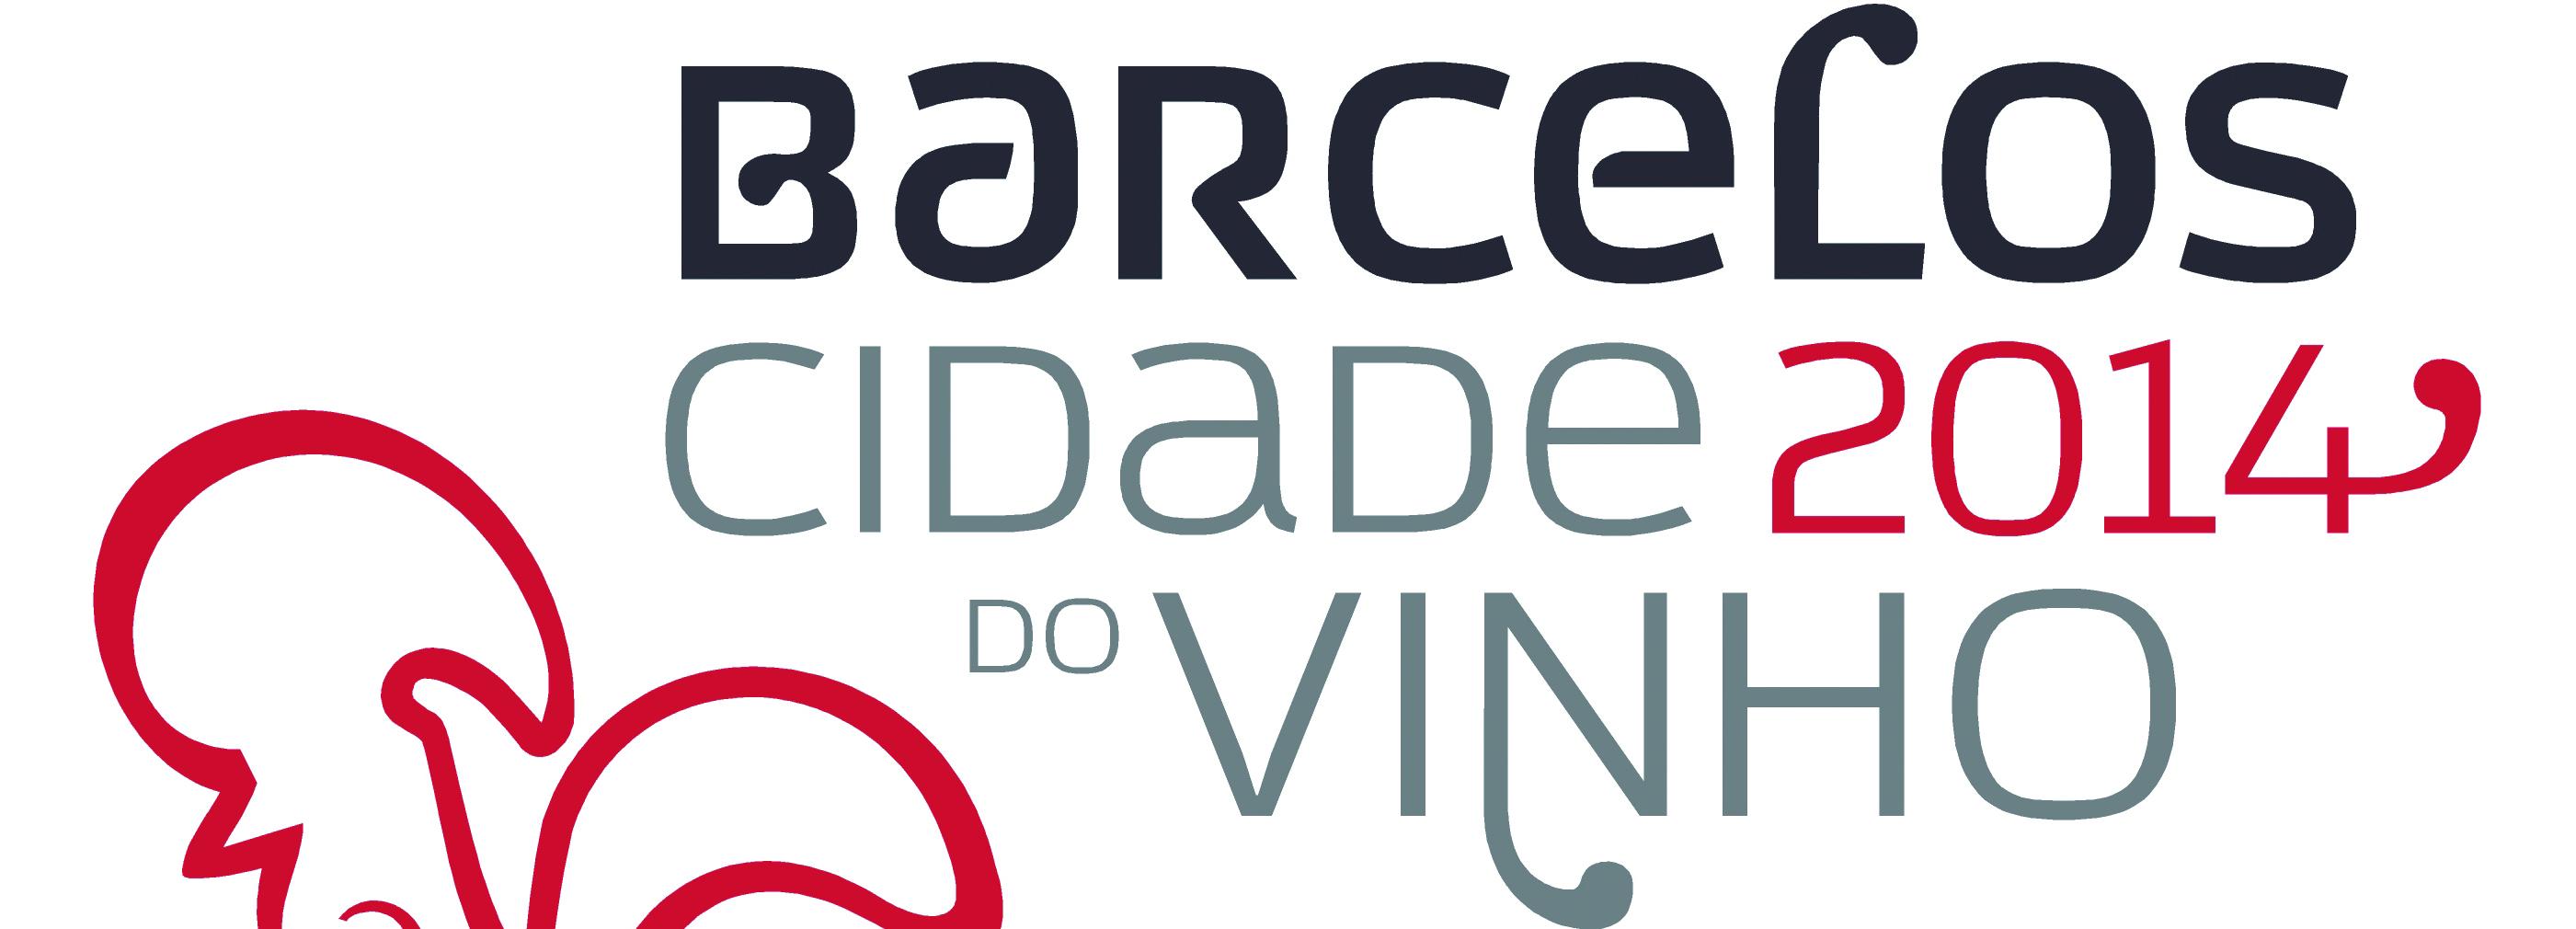 Barcelos, Cidade do Vinho 2014